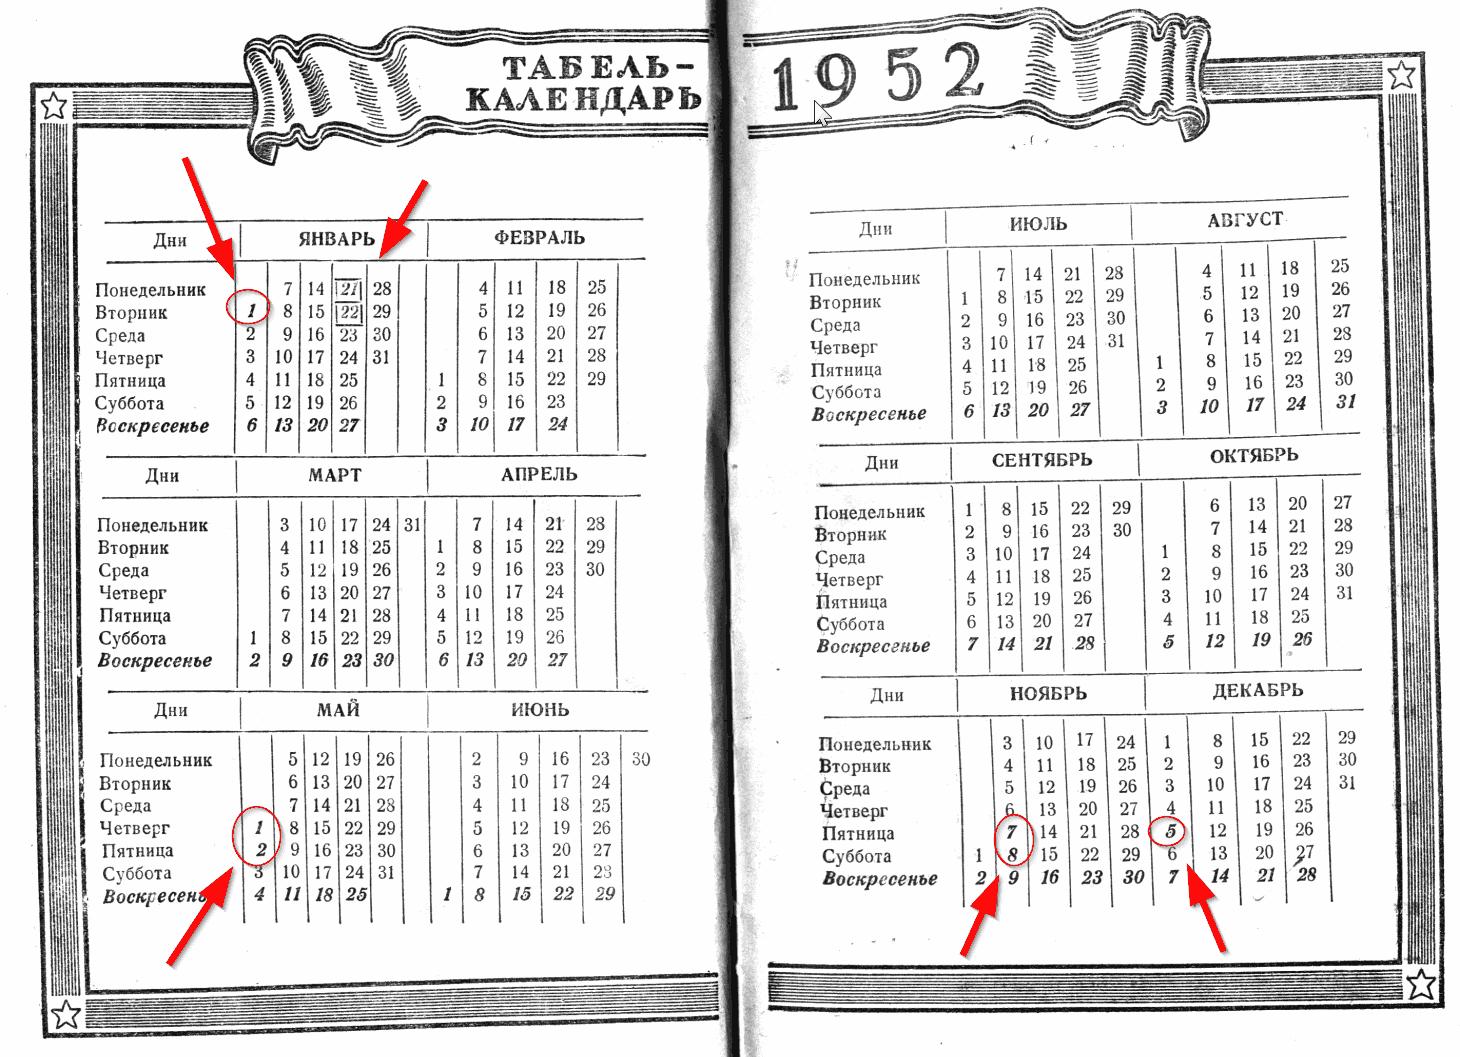 Именины у елены по церковному календарю в июне